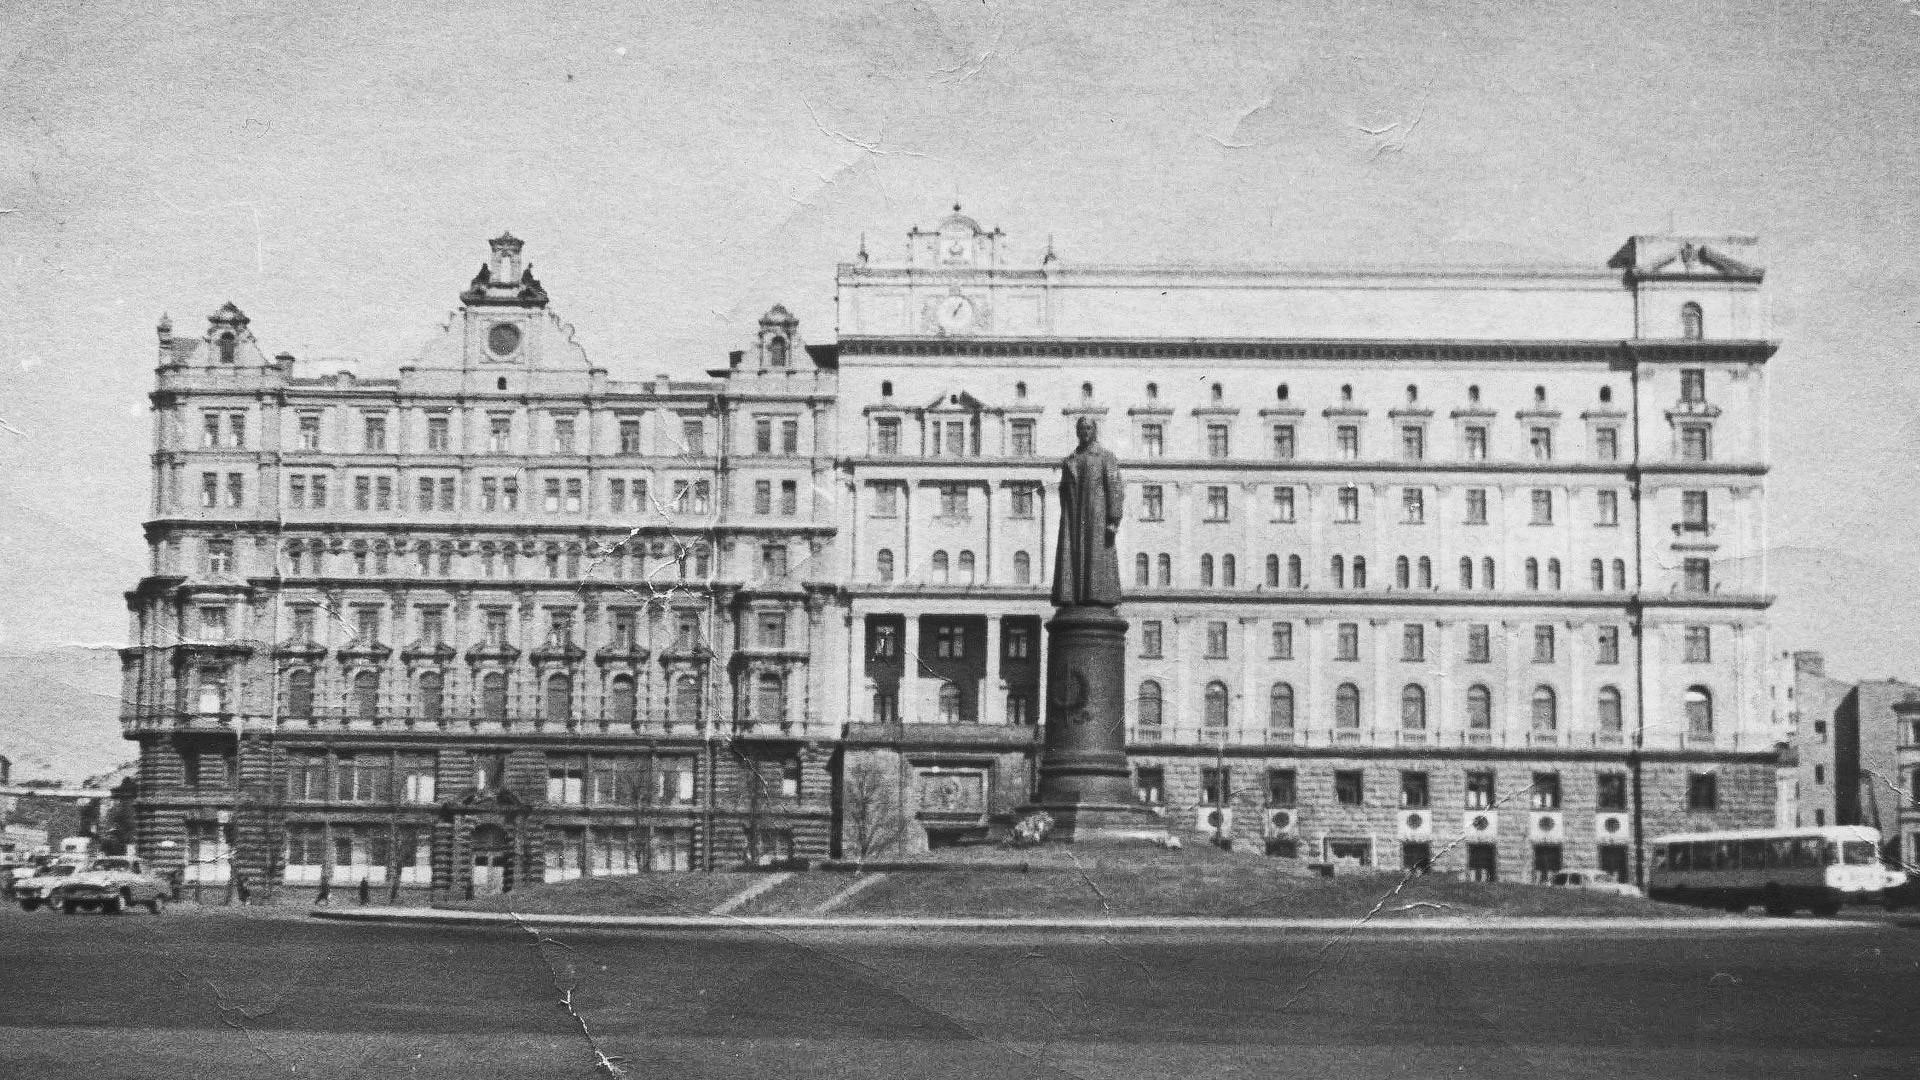 Das berüchtigte Lubjanka-Gebäude, das Hauptquartier der sowjetischen Geheimpolizei